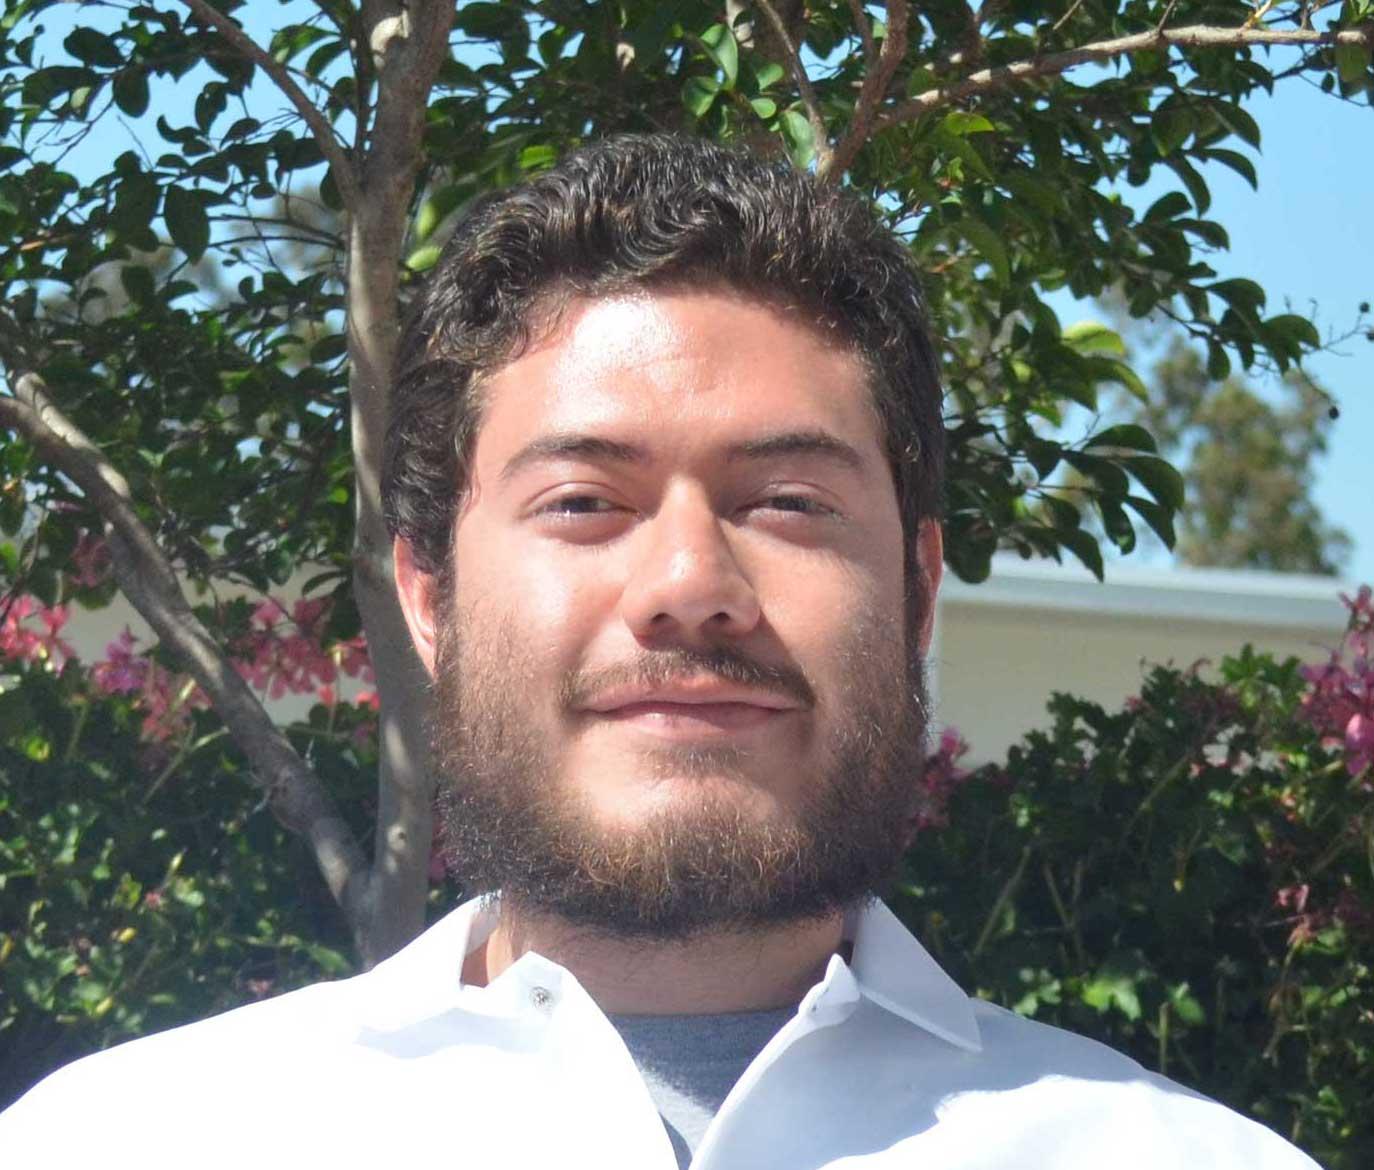 Bryan Melara